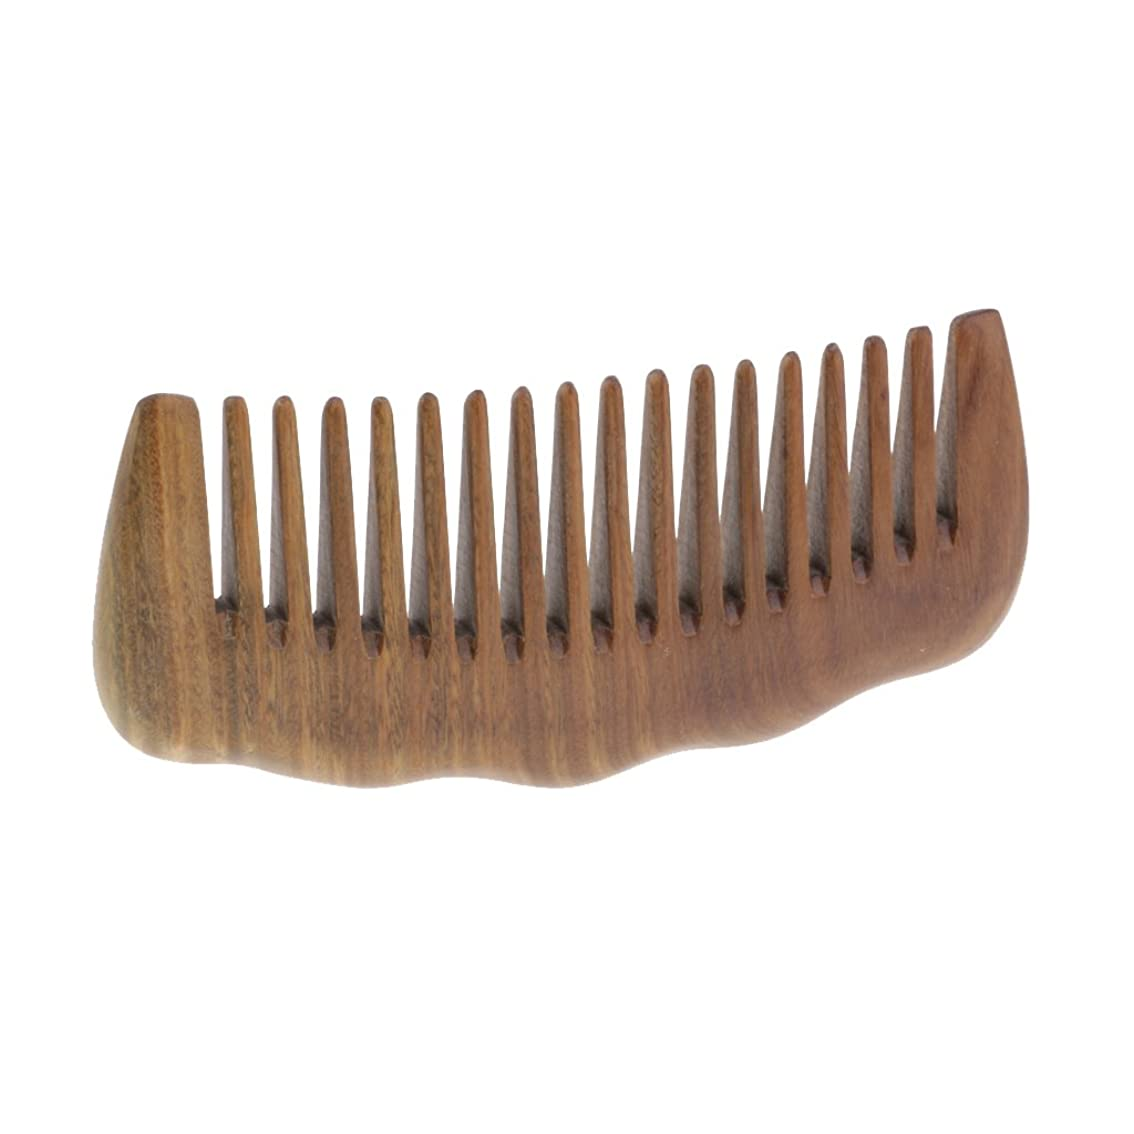 一掃する豆測定Kesoto ウッドコーム 木製櫛 頭皮マッサージ 伝統工芸品 滑らか ヘアケア ナチュラルサンダルウッド 高品質